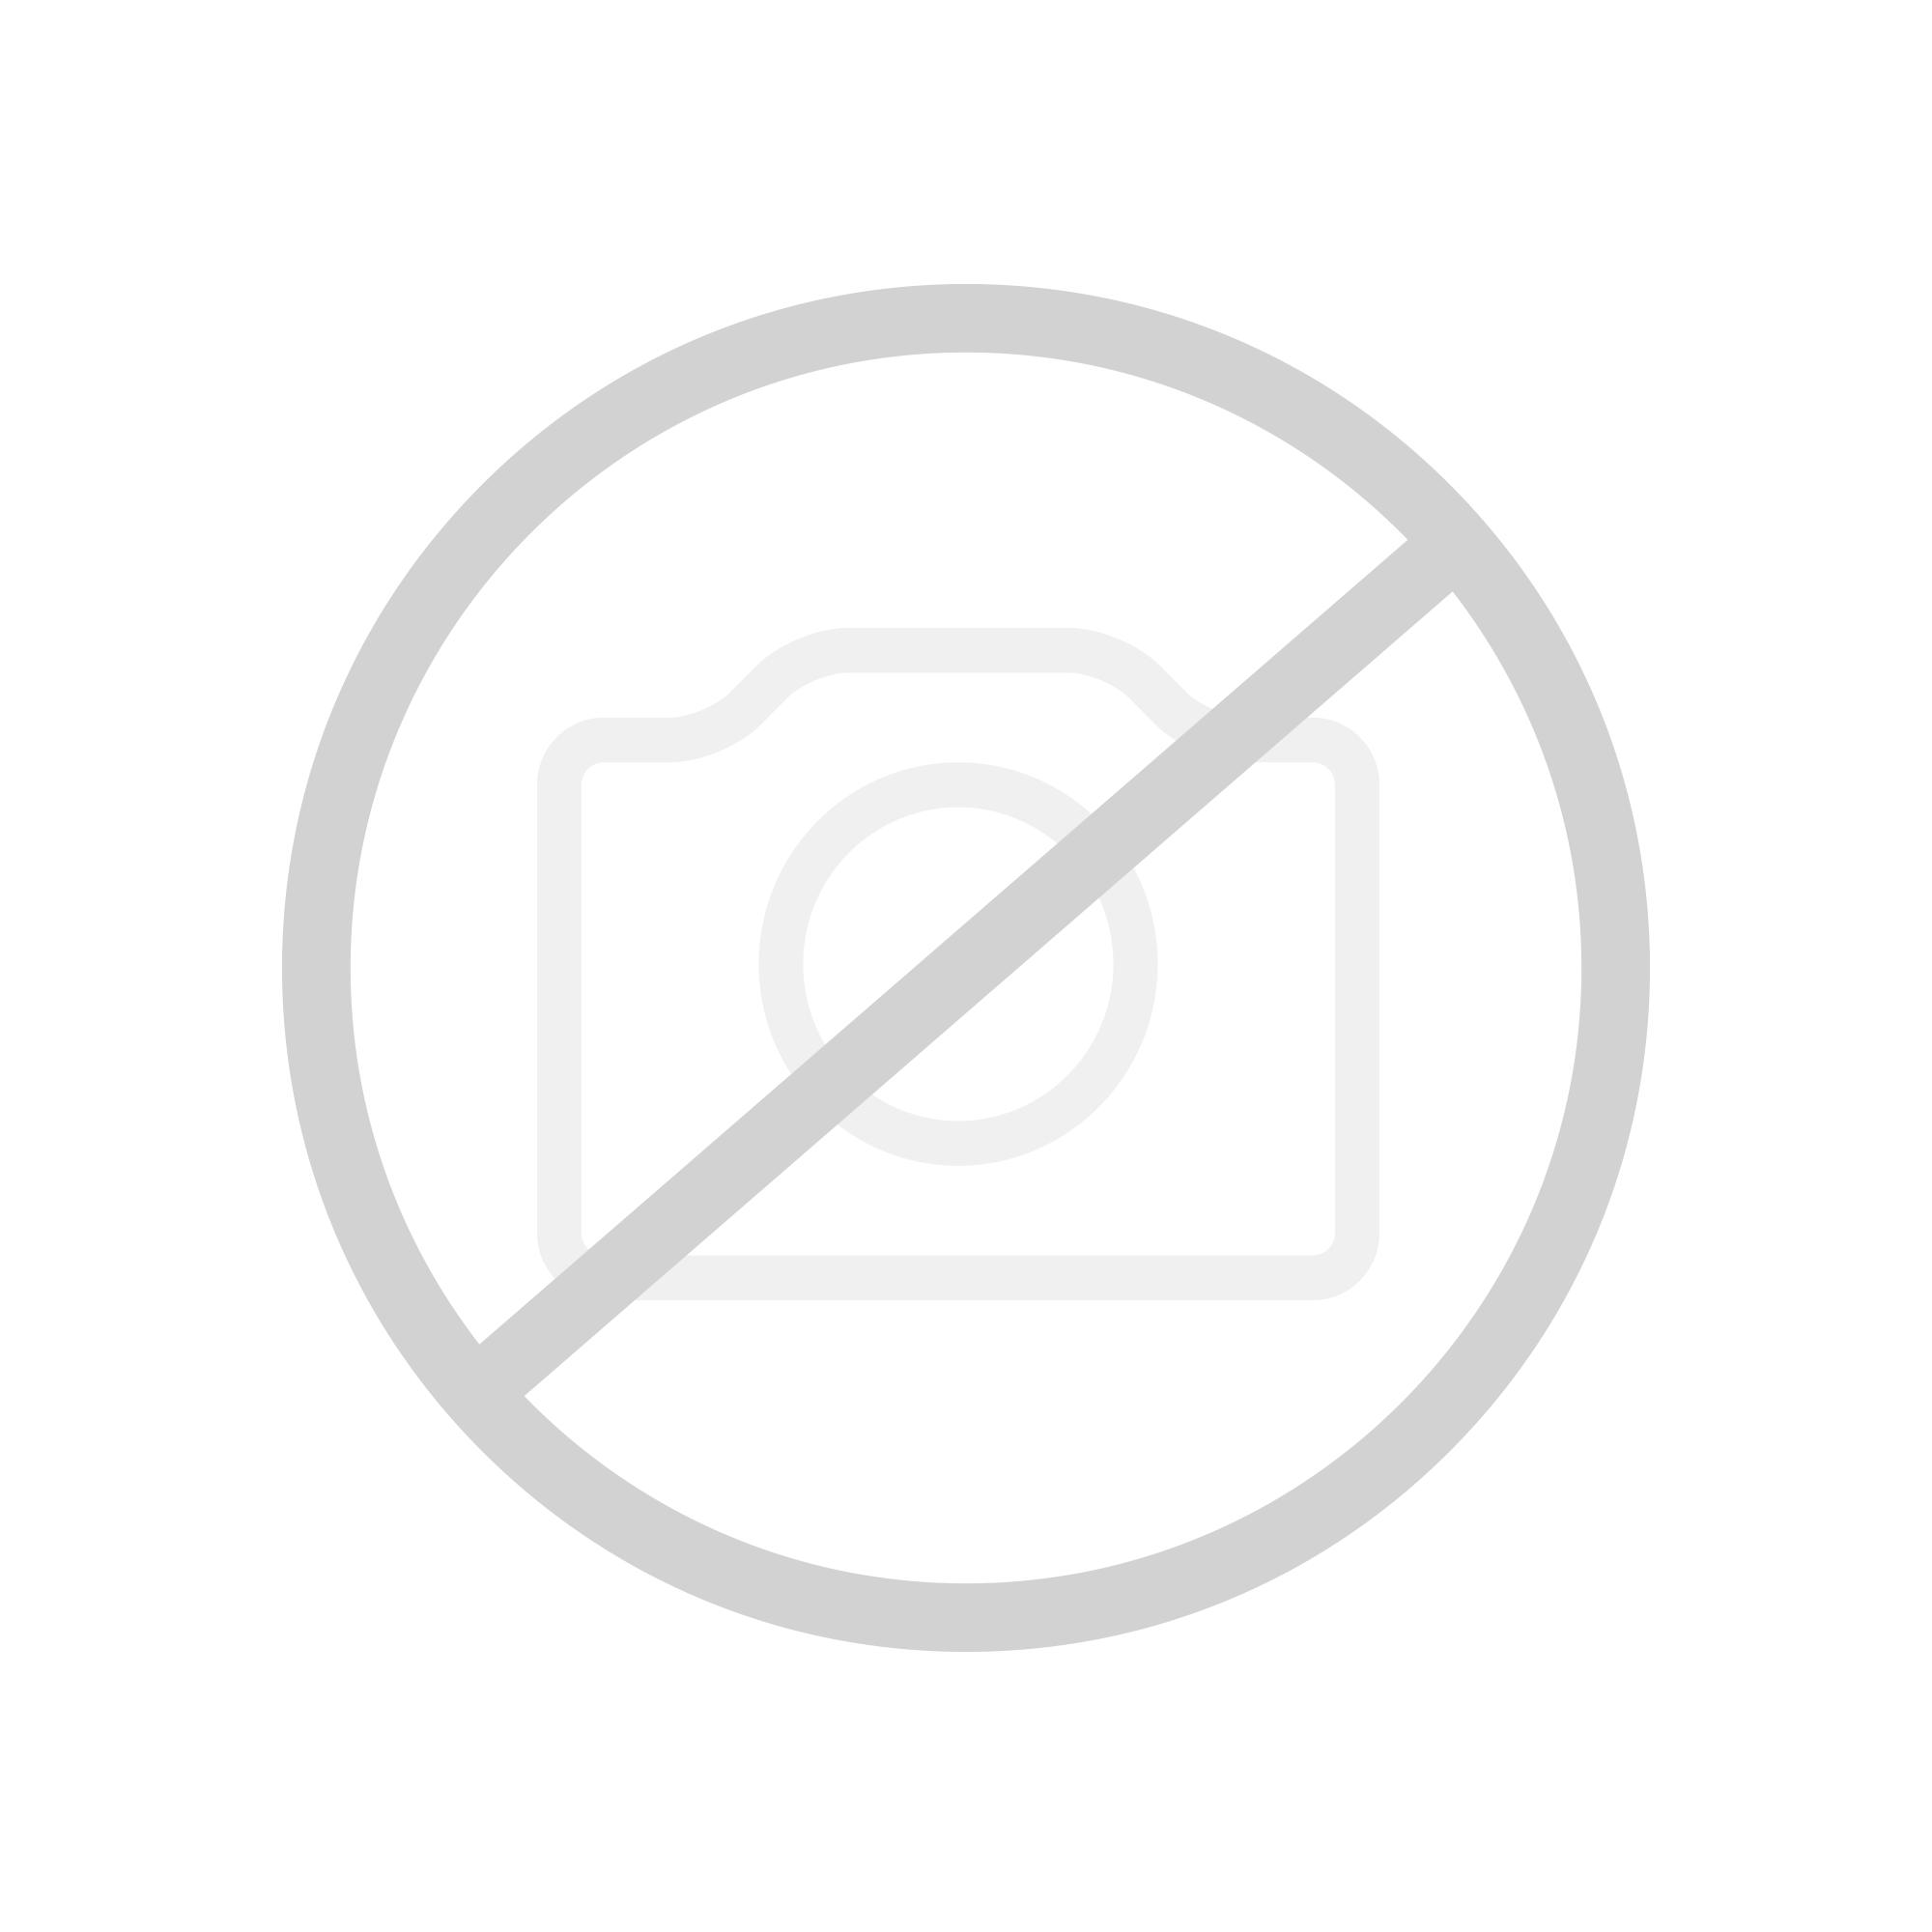 HSK Badheizkörper Line mit Seitenanschluss weiß